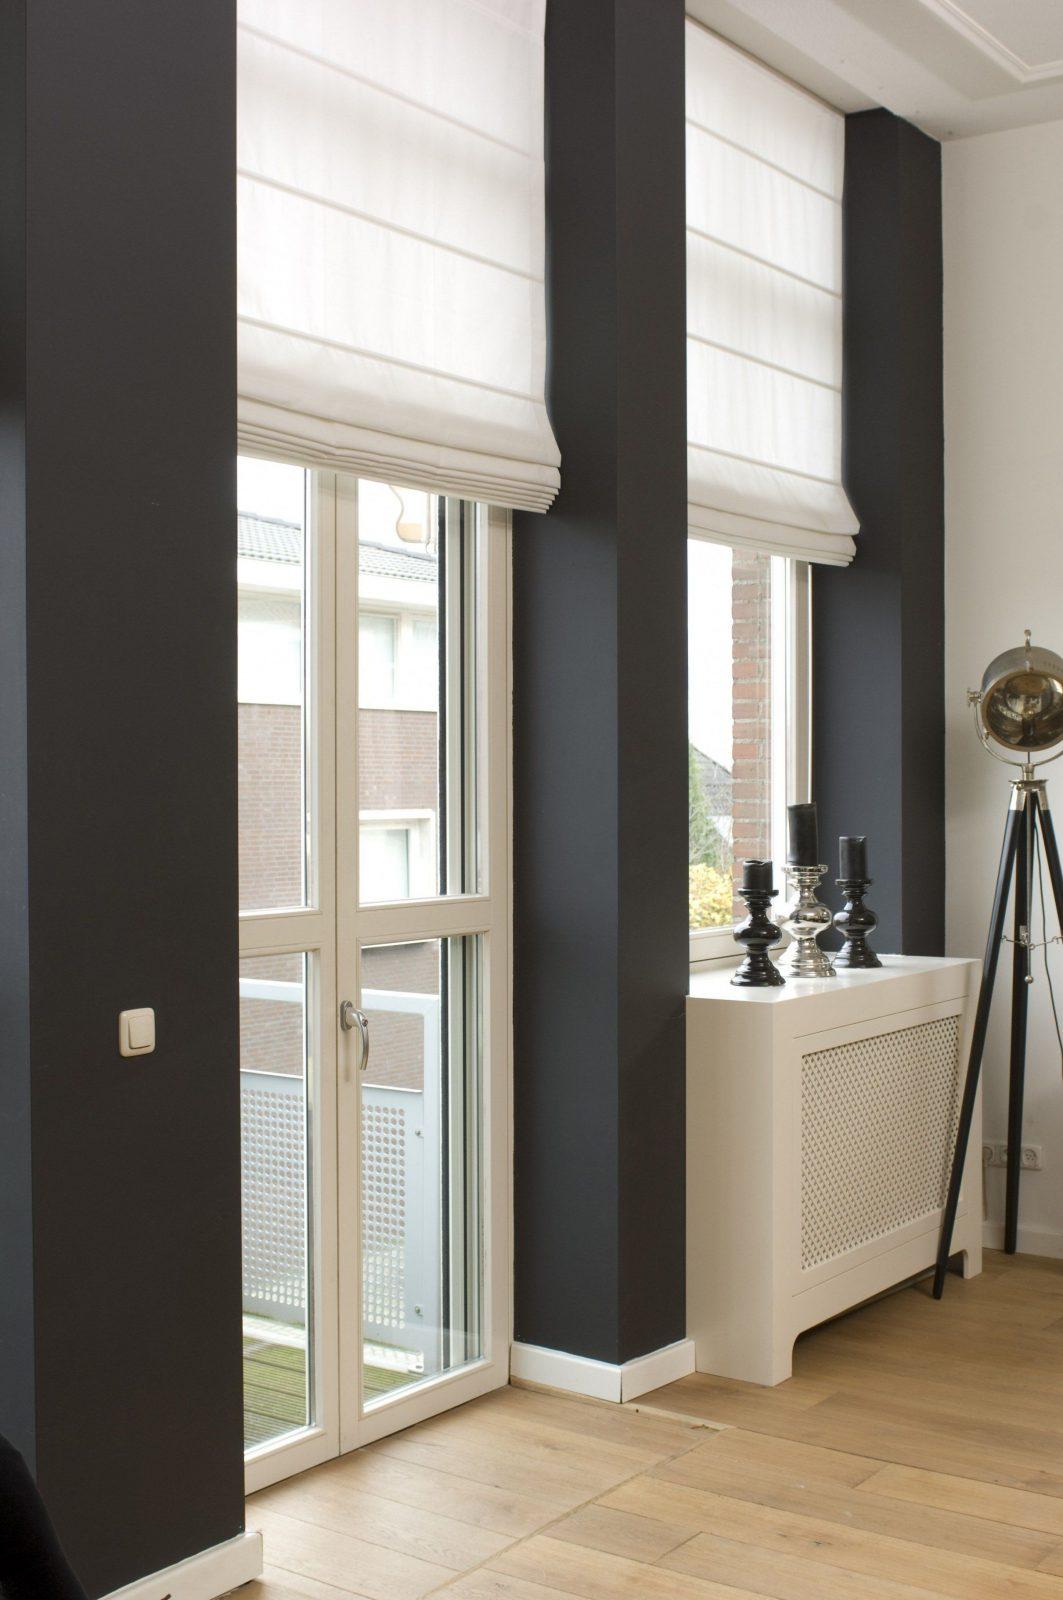 Gardinen Fur Wohnzimmer Mit Balkontur von Gardinen Für Wohnzimmer Mit Balkontür Photo